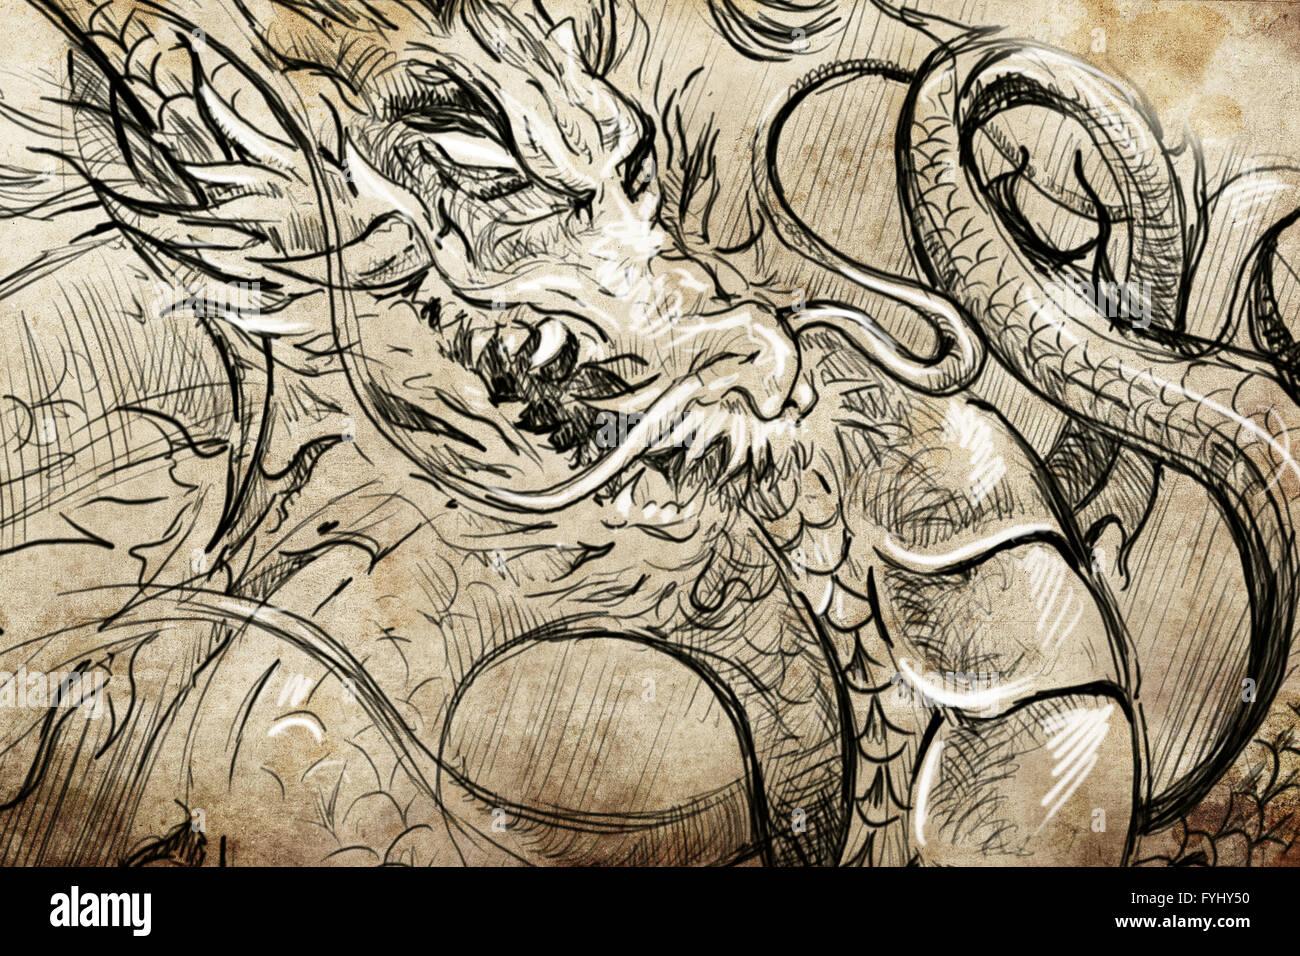 Dessin Tatoo Japonais tête de dragon tattoo japonais, croquis, dessin à la main sur papier